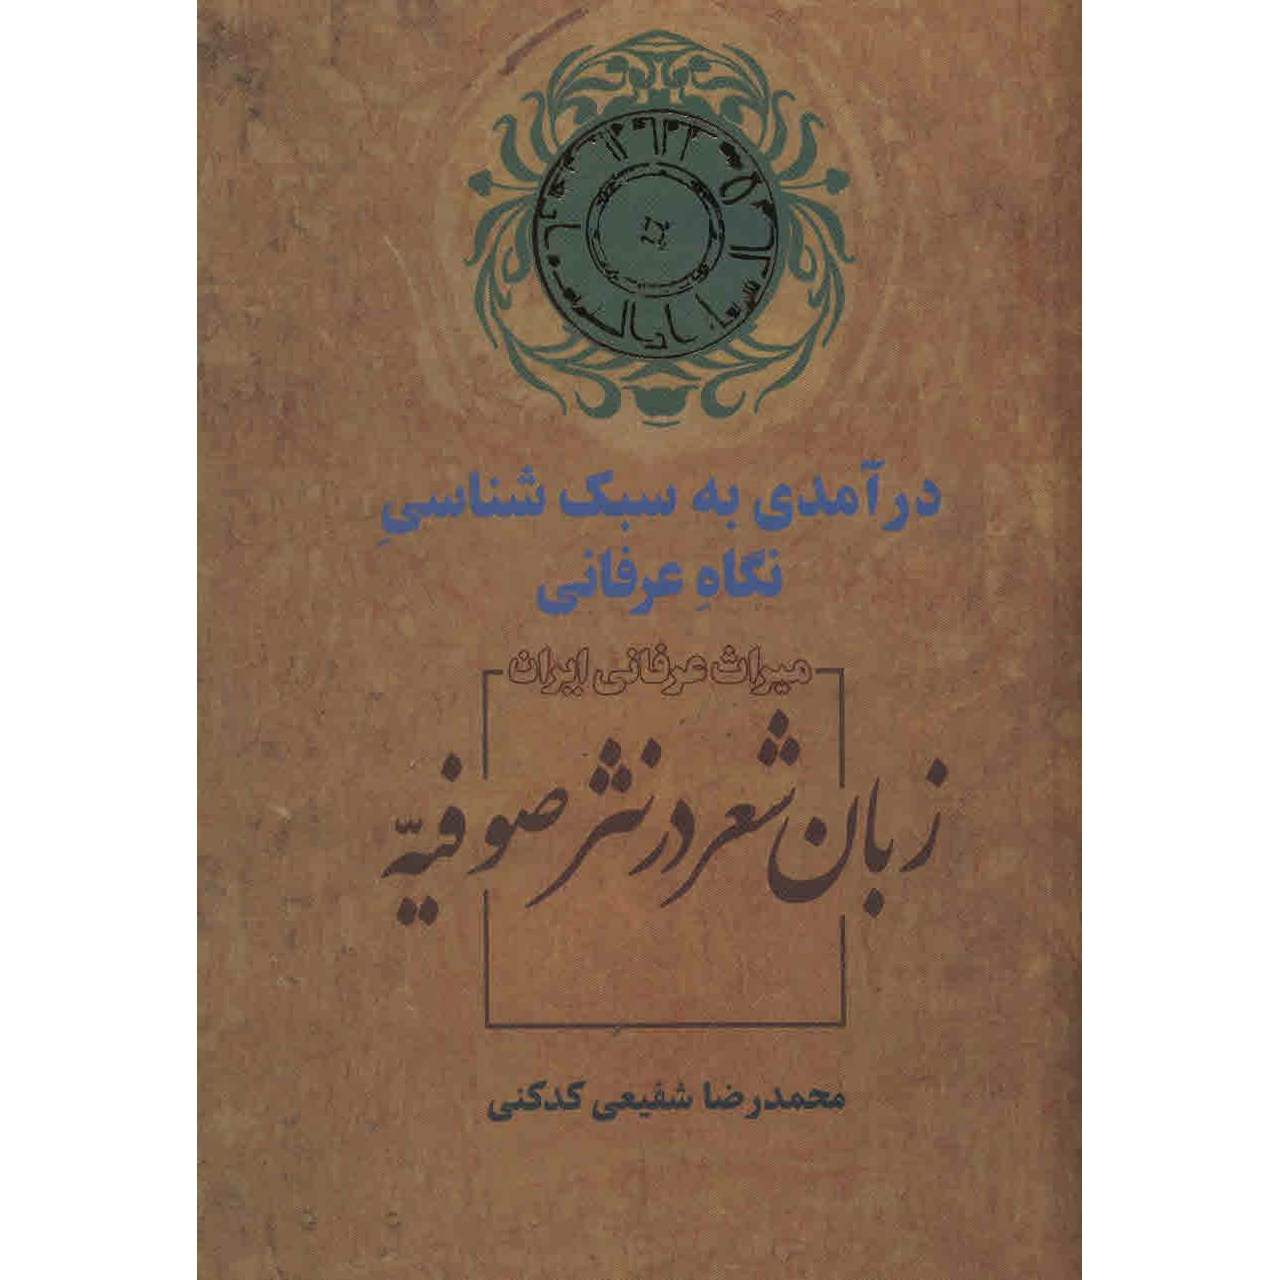 خرید                      کتاب زبان شعر در نثر صوفیه اثر محمدرضا شفیعی کدکنی